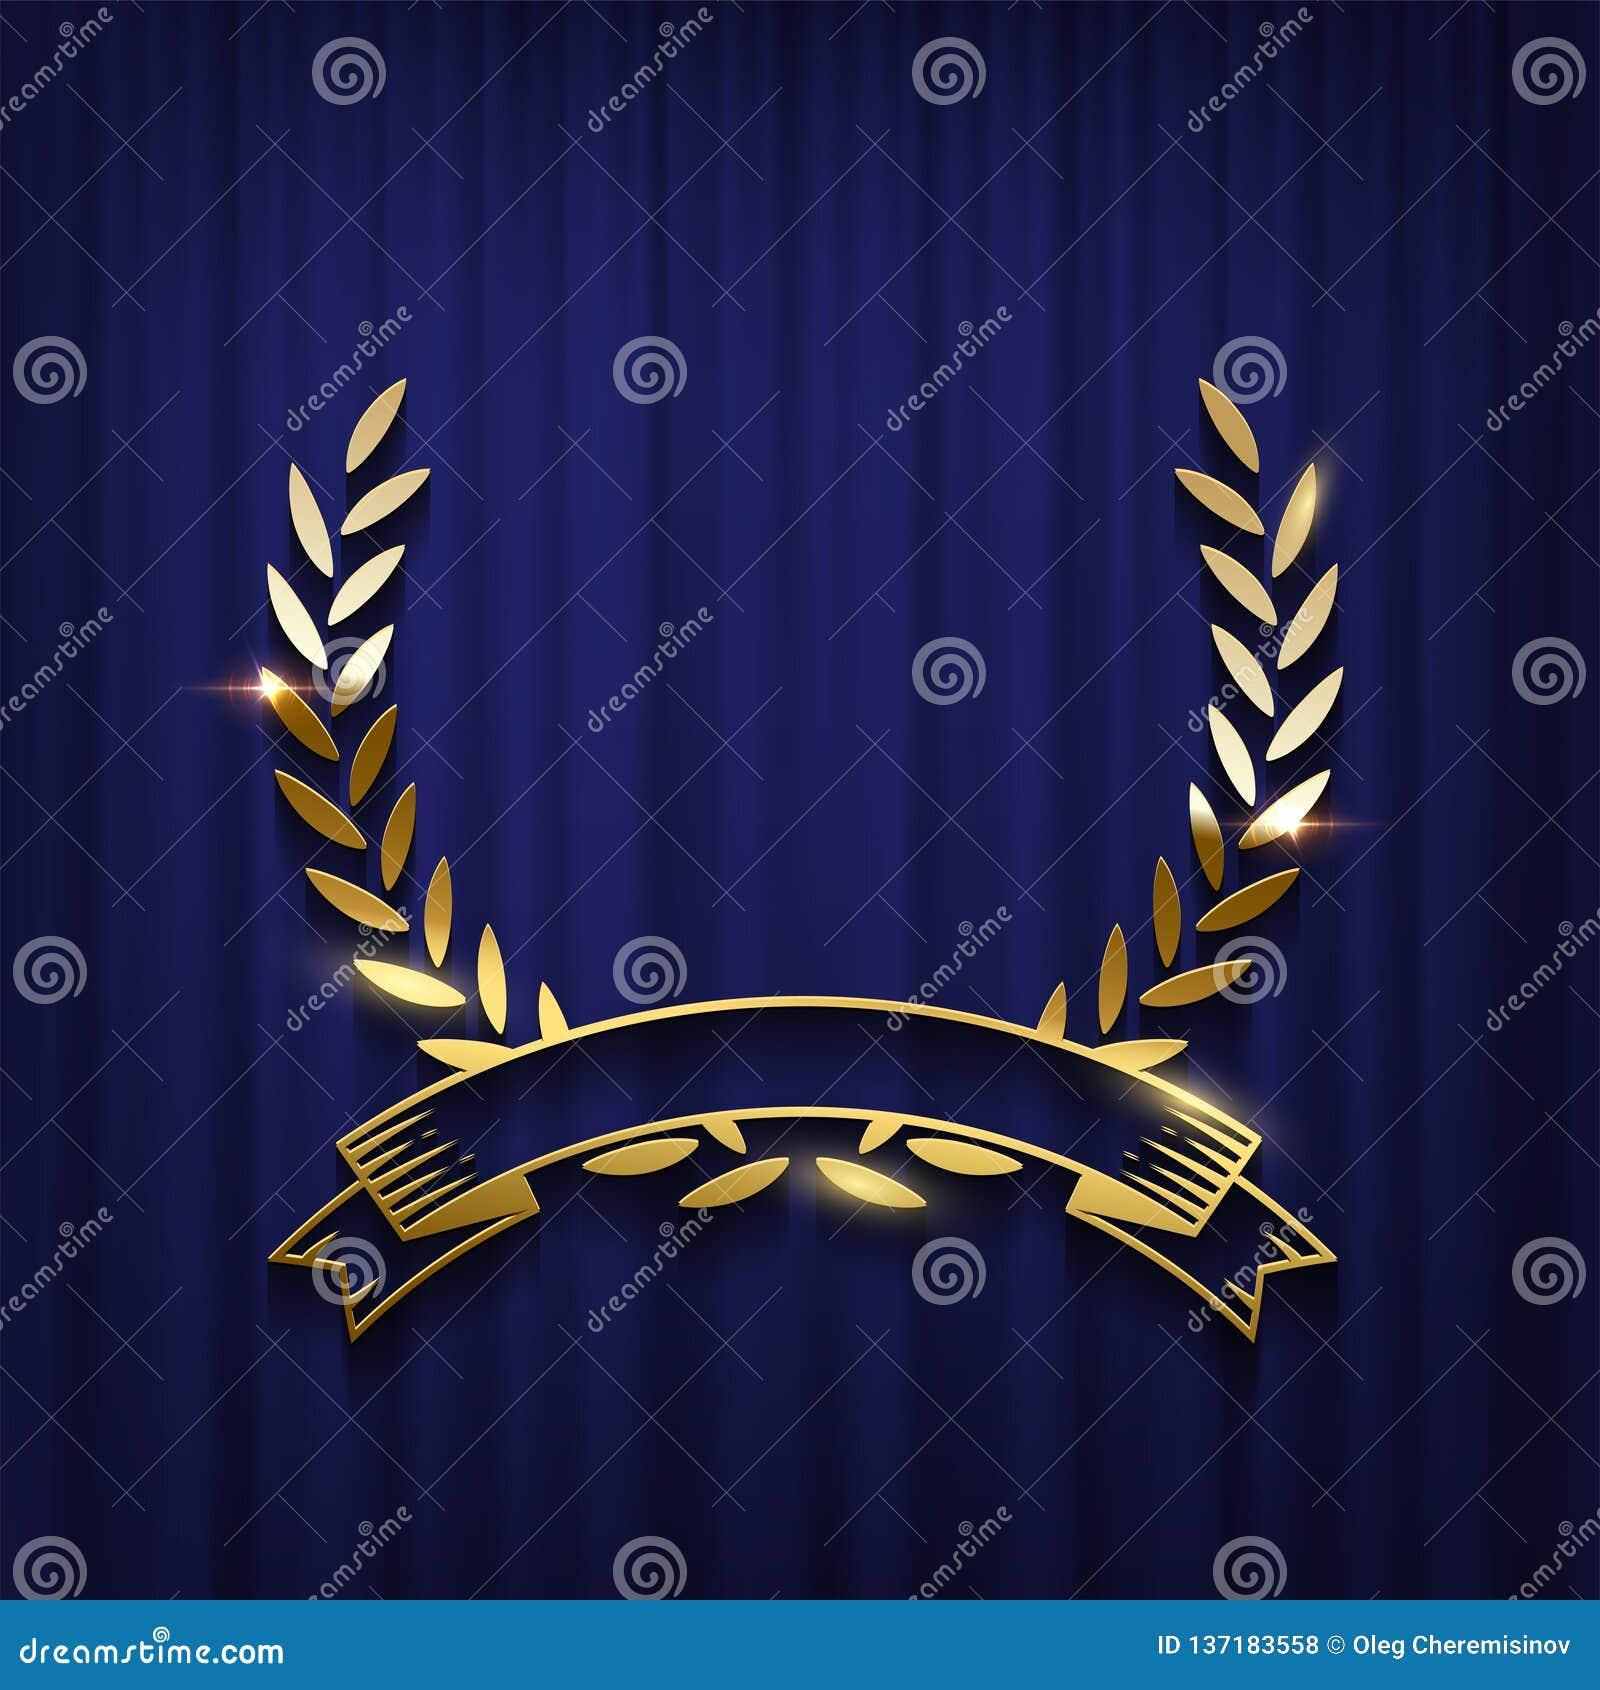 Χρυσές στεφάνι και κορδέλλα δαφνών που απομονώνονται στο μπλε υπόβαθρο κουρτινών Διανυσματικό πρότυπο αφισών τελετής βραβεύσεωης